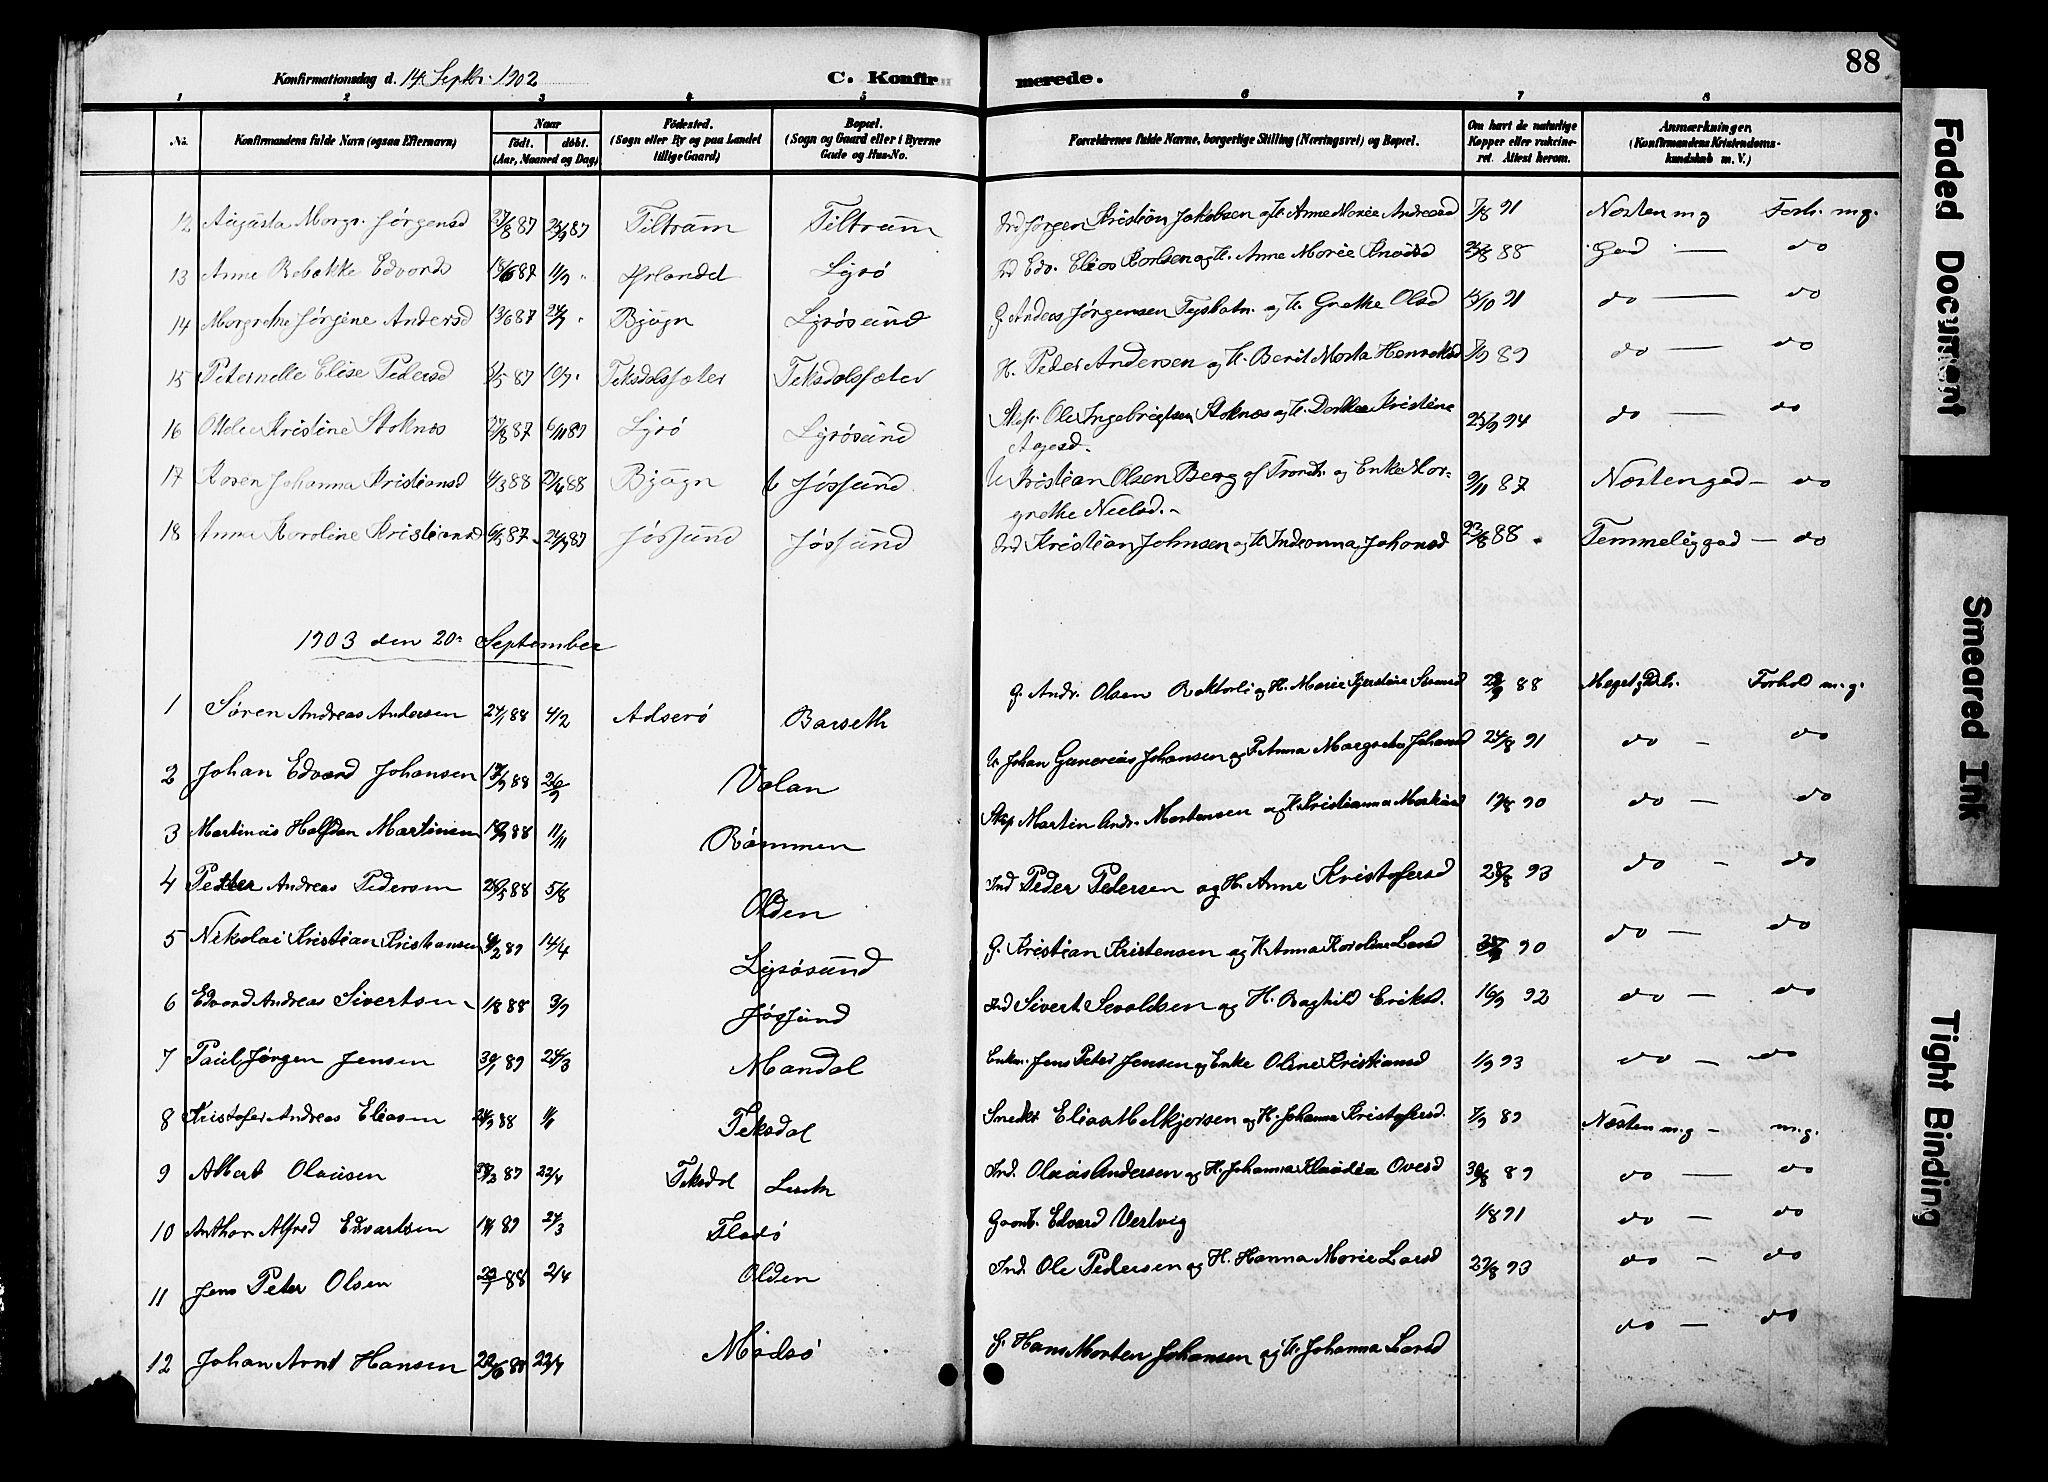 SAT, Ministerialprotokoller, klokkerbøker og fødselsregistre - Sør-Trøndelag, 654/L0666: Klokkerbok nr. 654C02, 1901-1925, s. 88